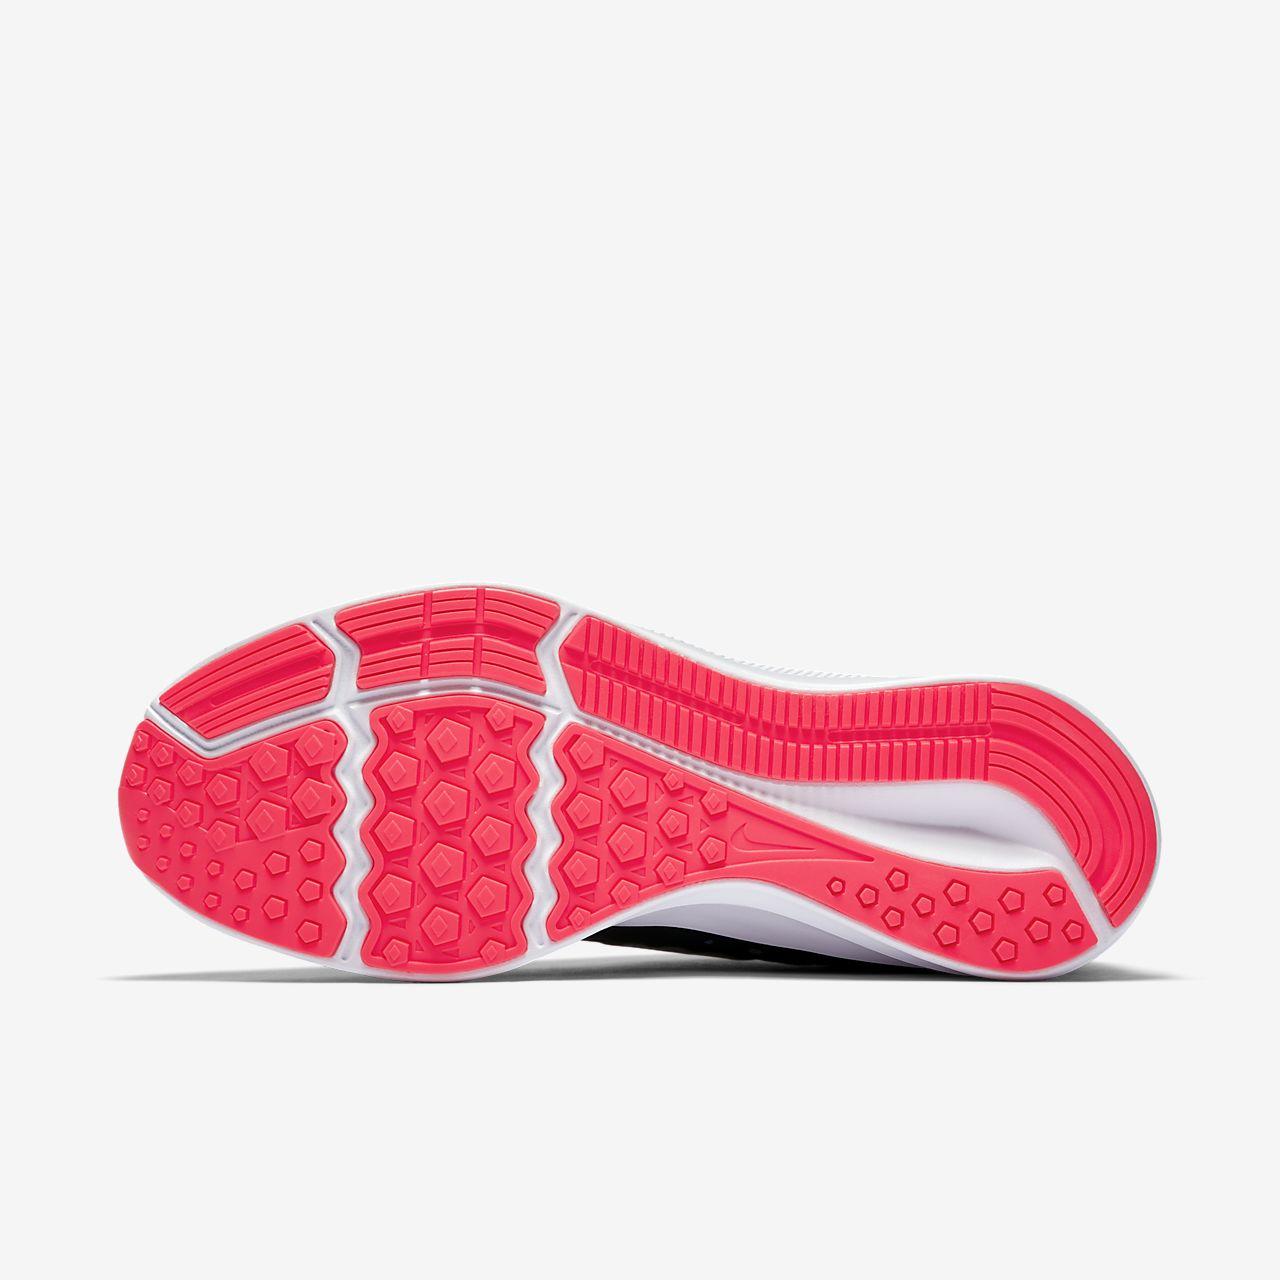 scarpe nike downshifter 7 bambina